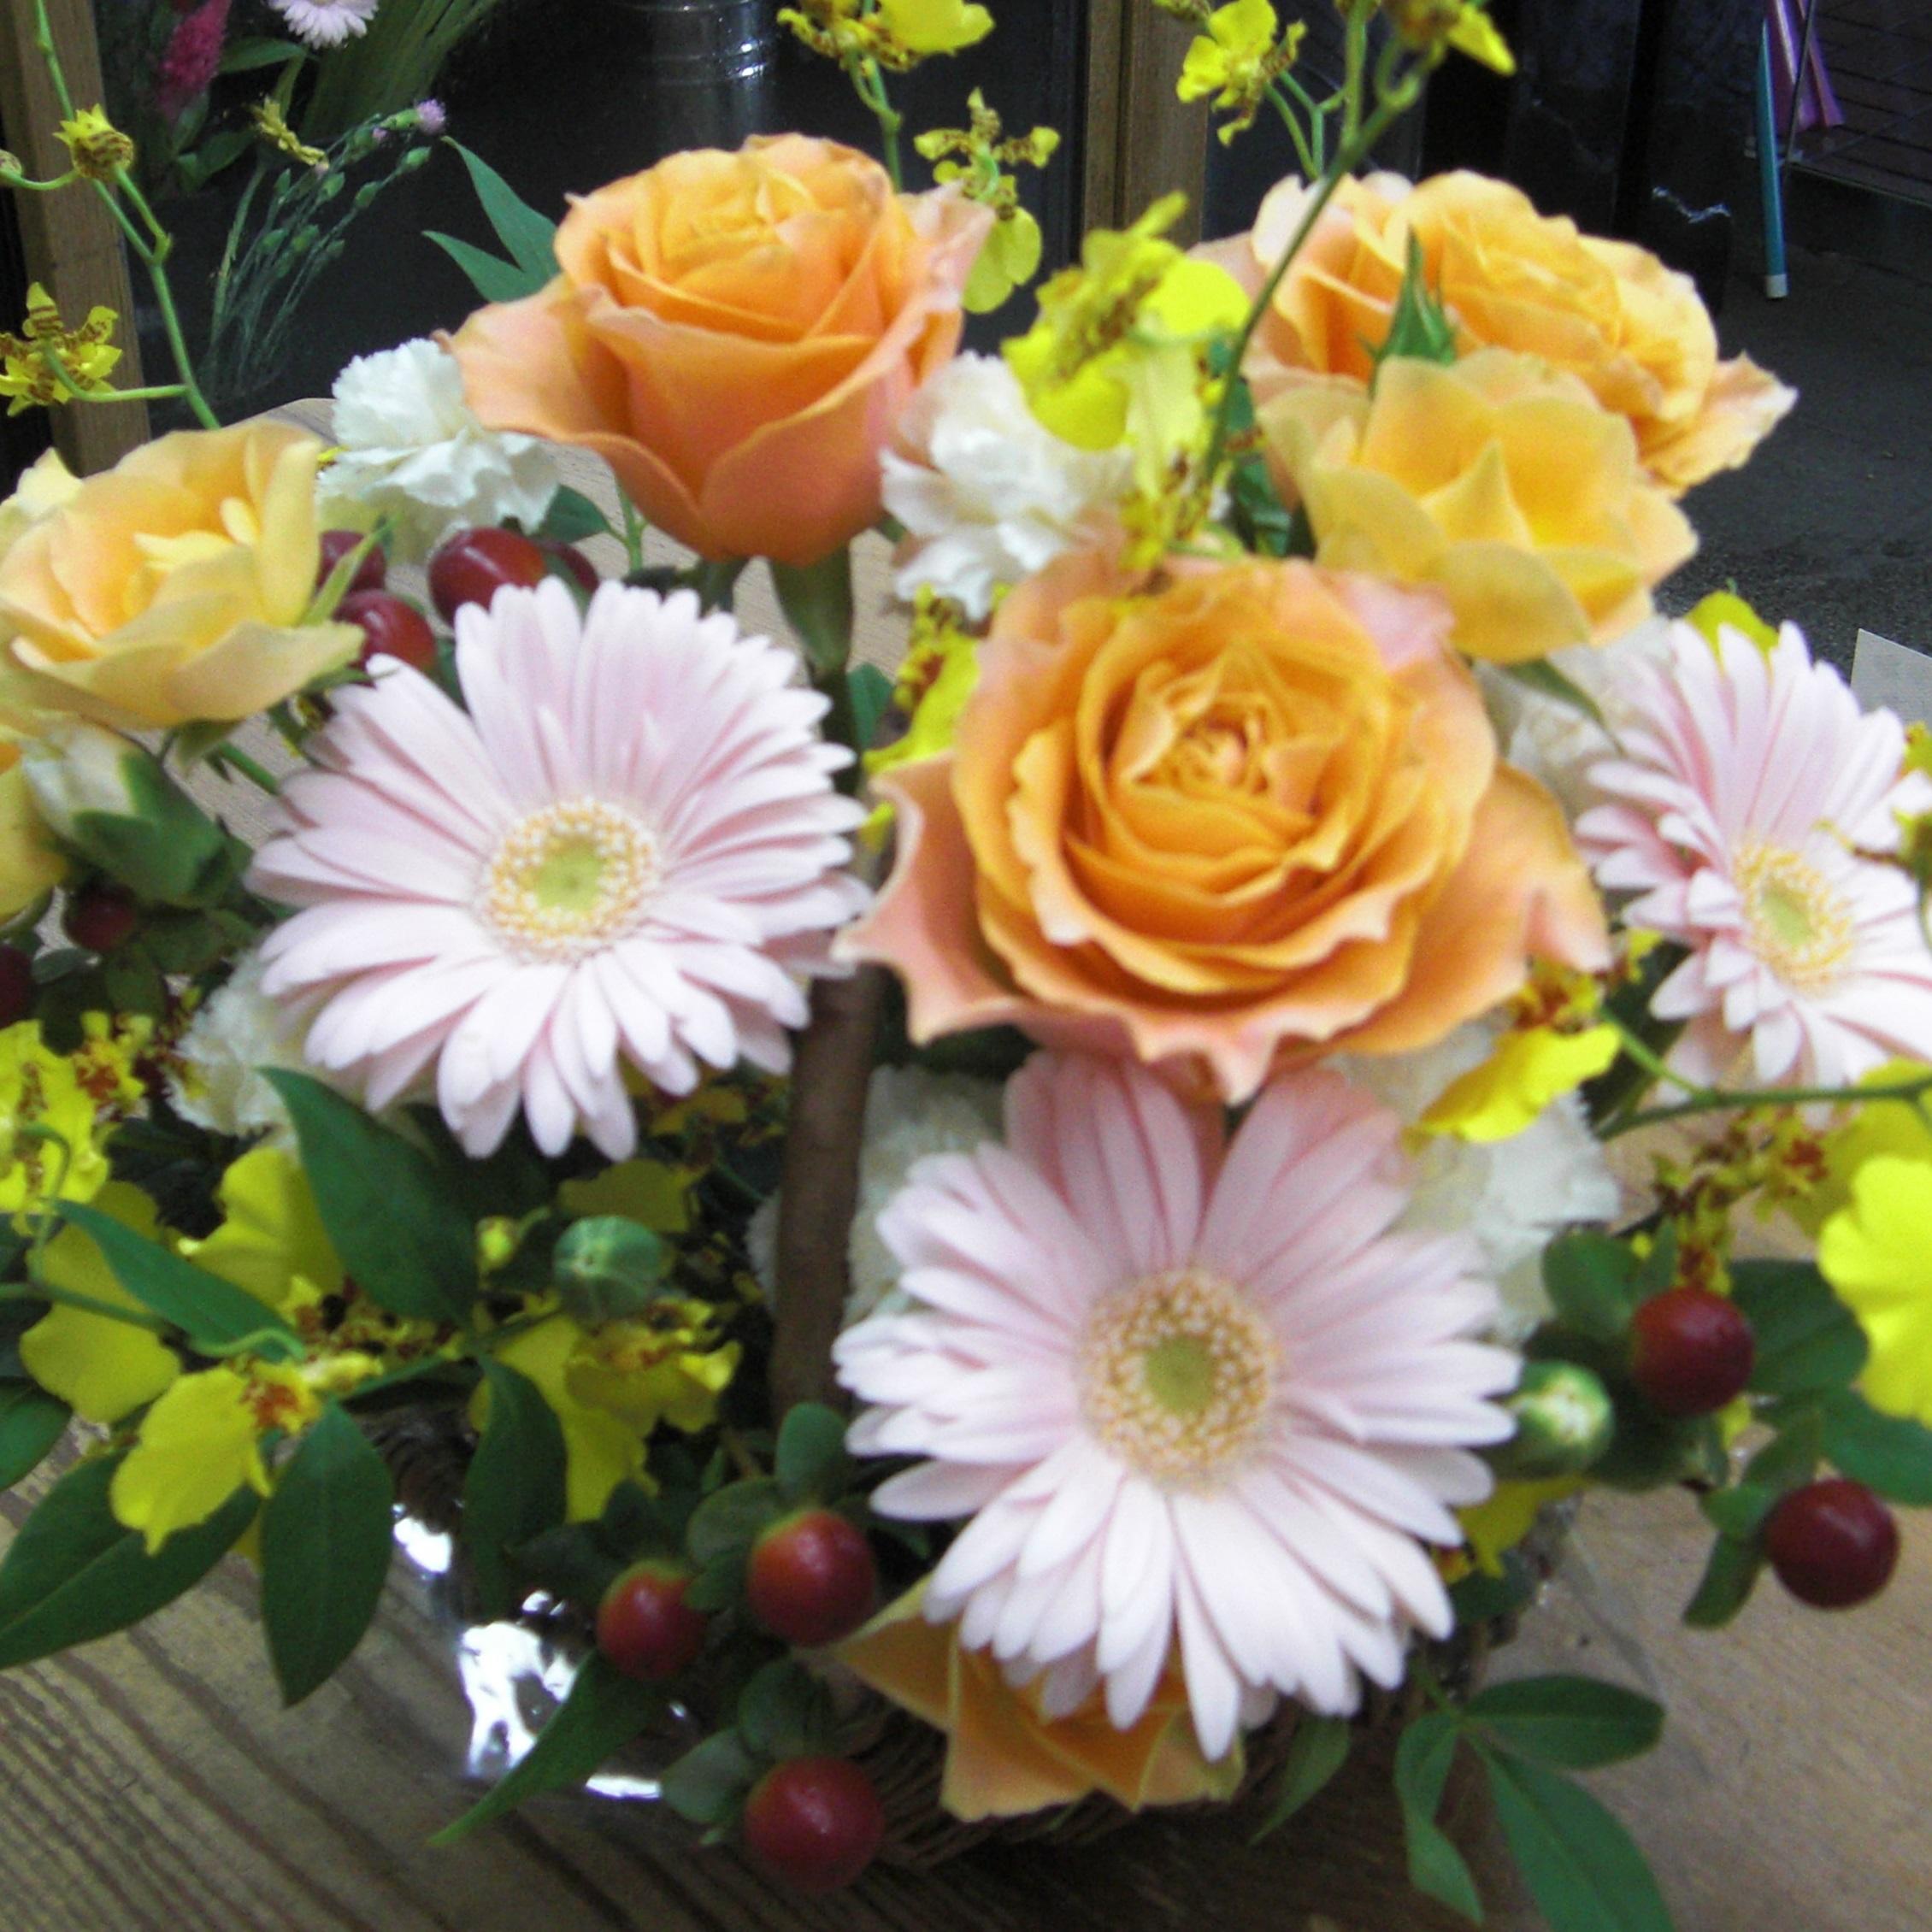 オレンジのバラと淡いピンクのガーベラで可愛いアレンジ